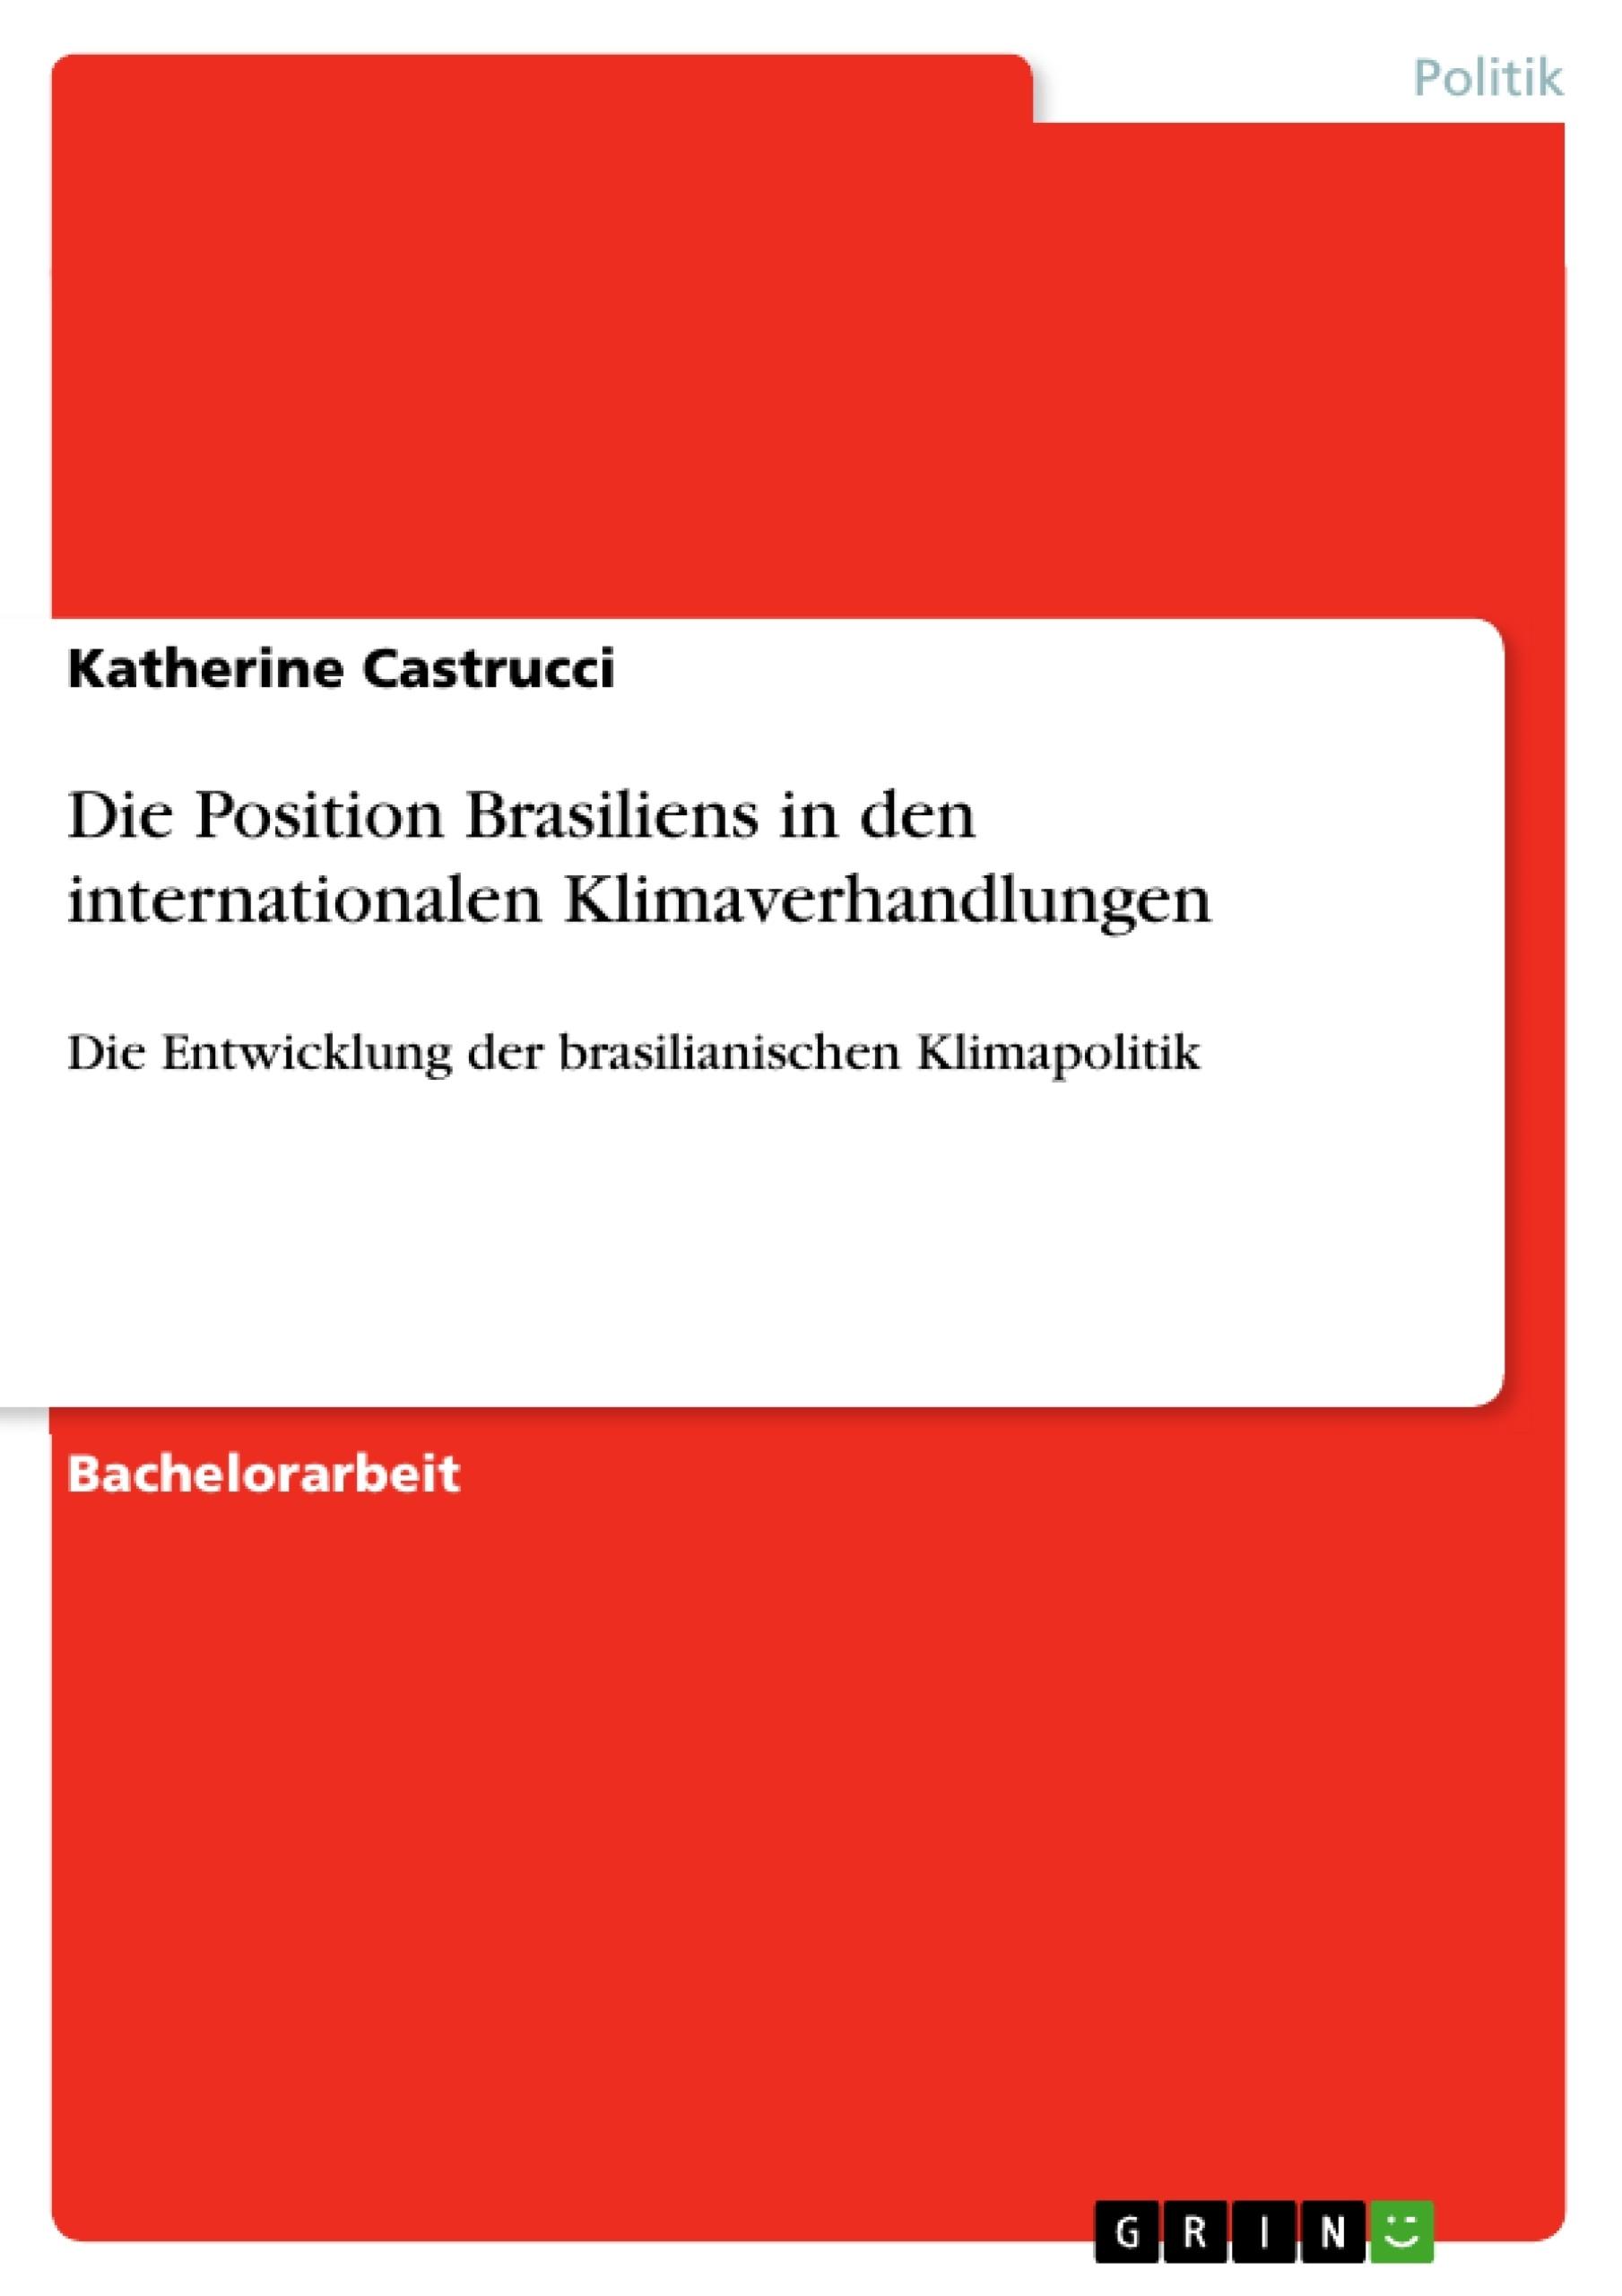 Titel: Die Position Brasiliens in den internationalen Klimaverhandlungen